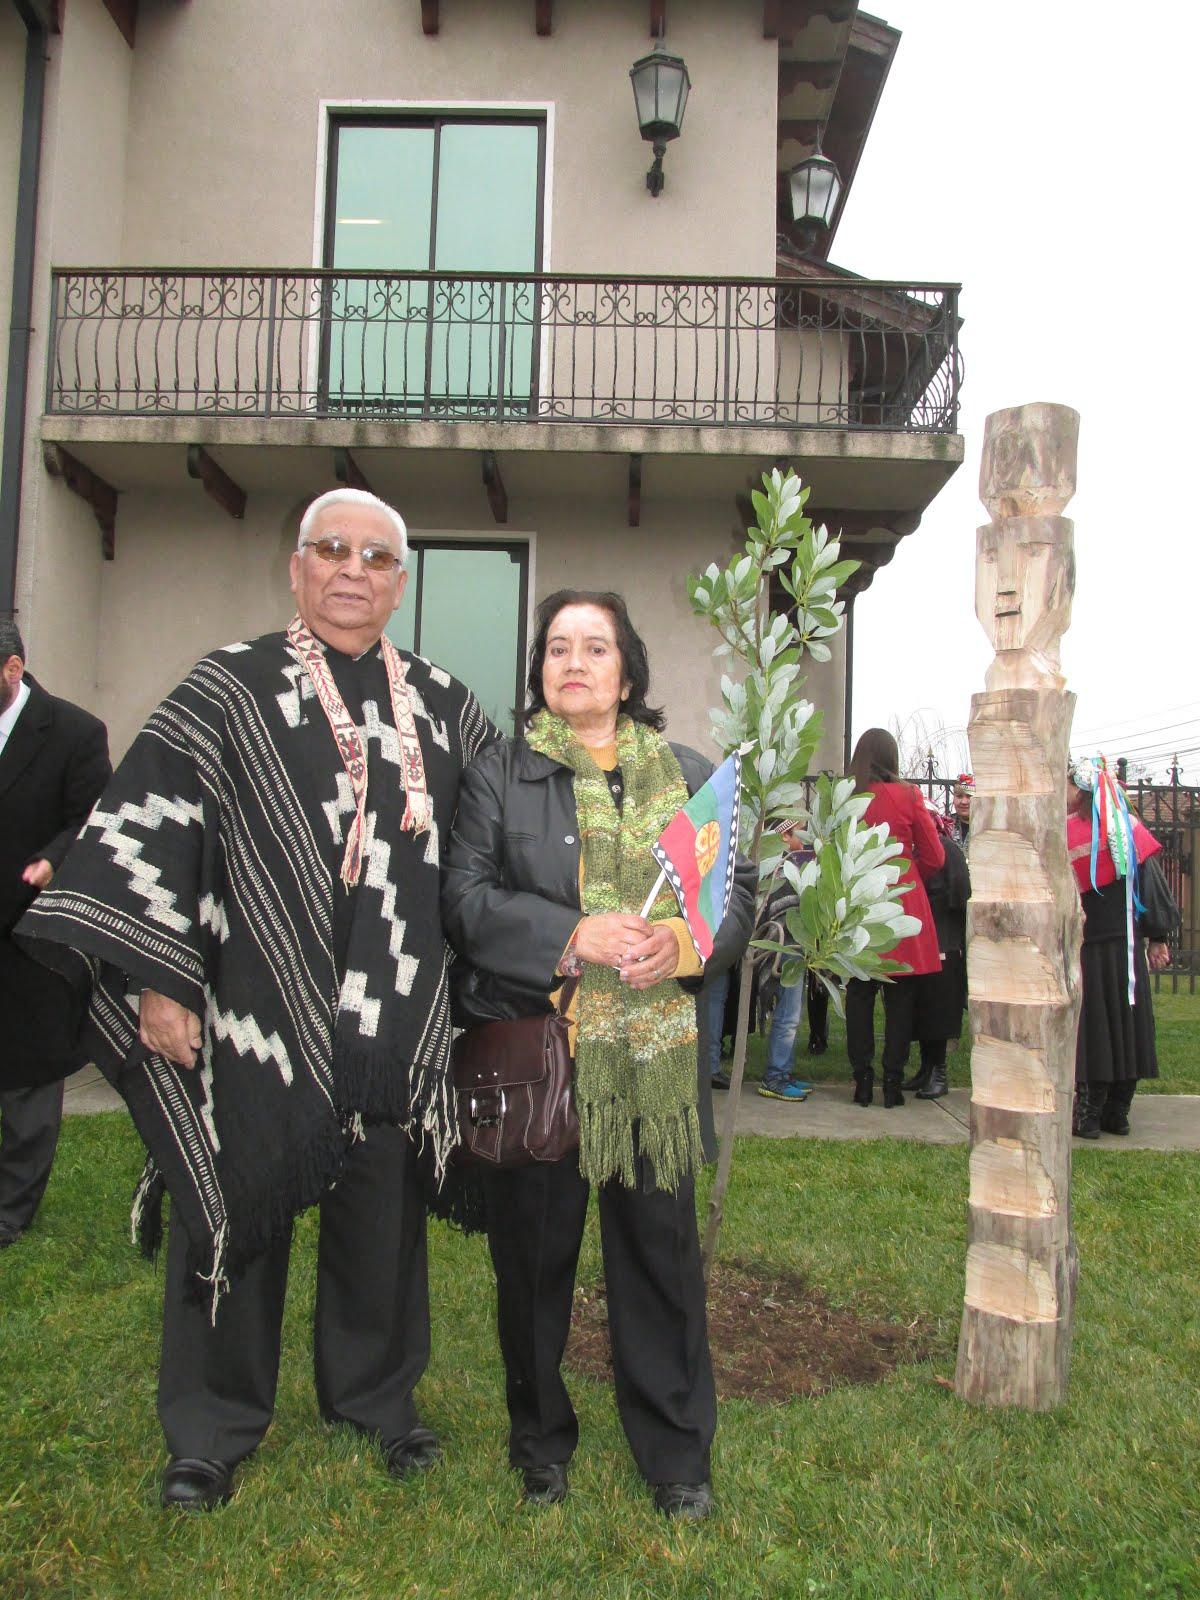 En ceremonia izamiento de bandera mapuche en Municipalidad de Chillán Viejo